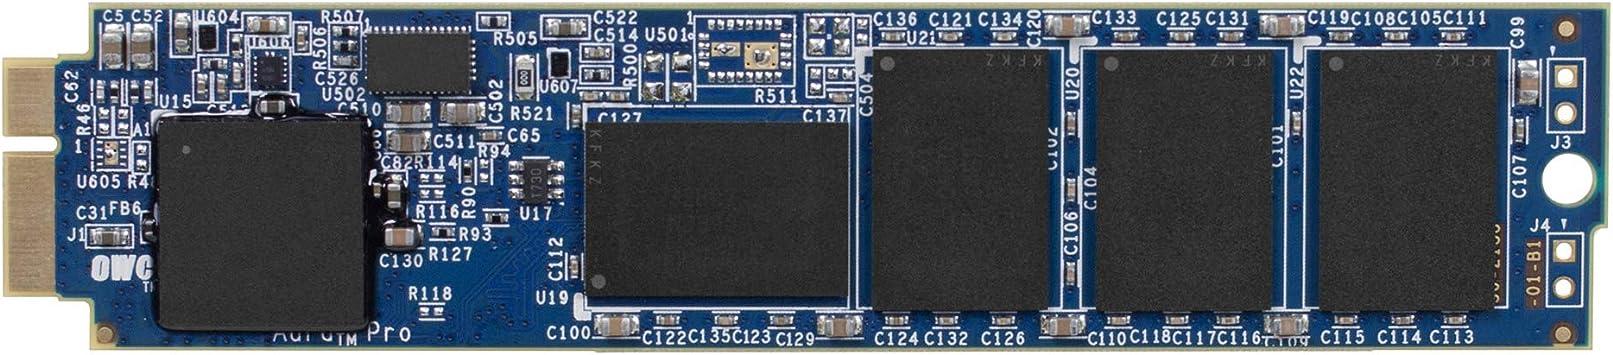 OWC (OWCS3DAP2A6G250) - SSD Unidad de Estado Sólido 250GB Aura Pro ...